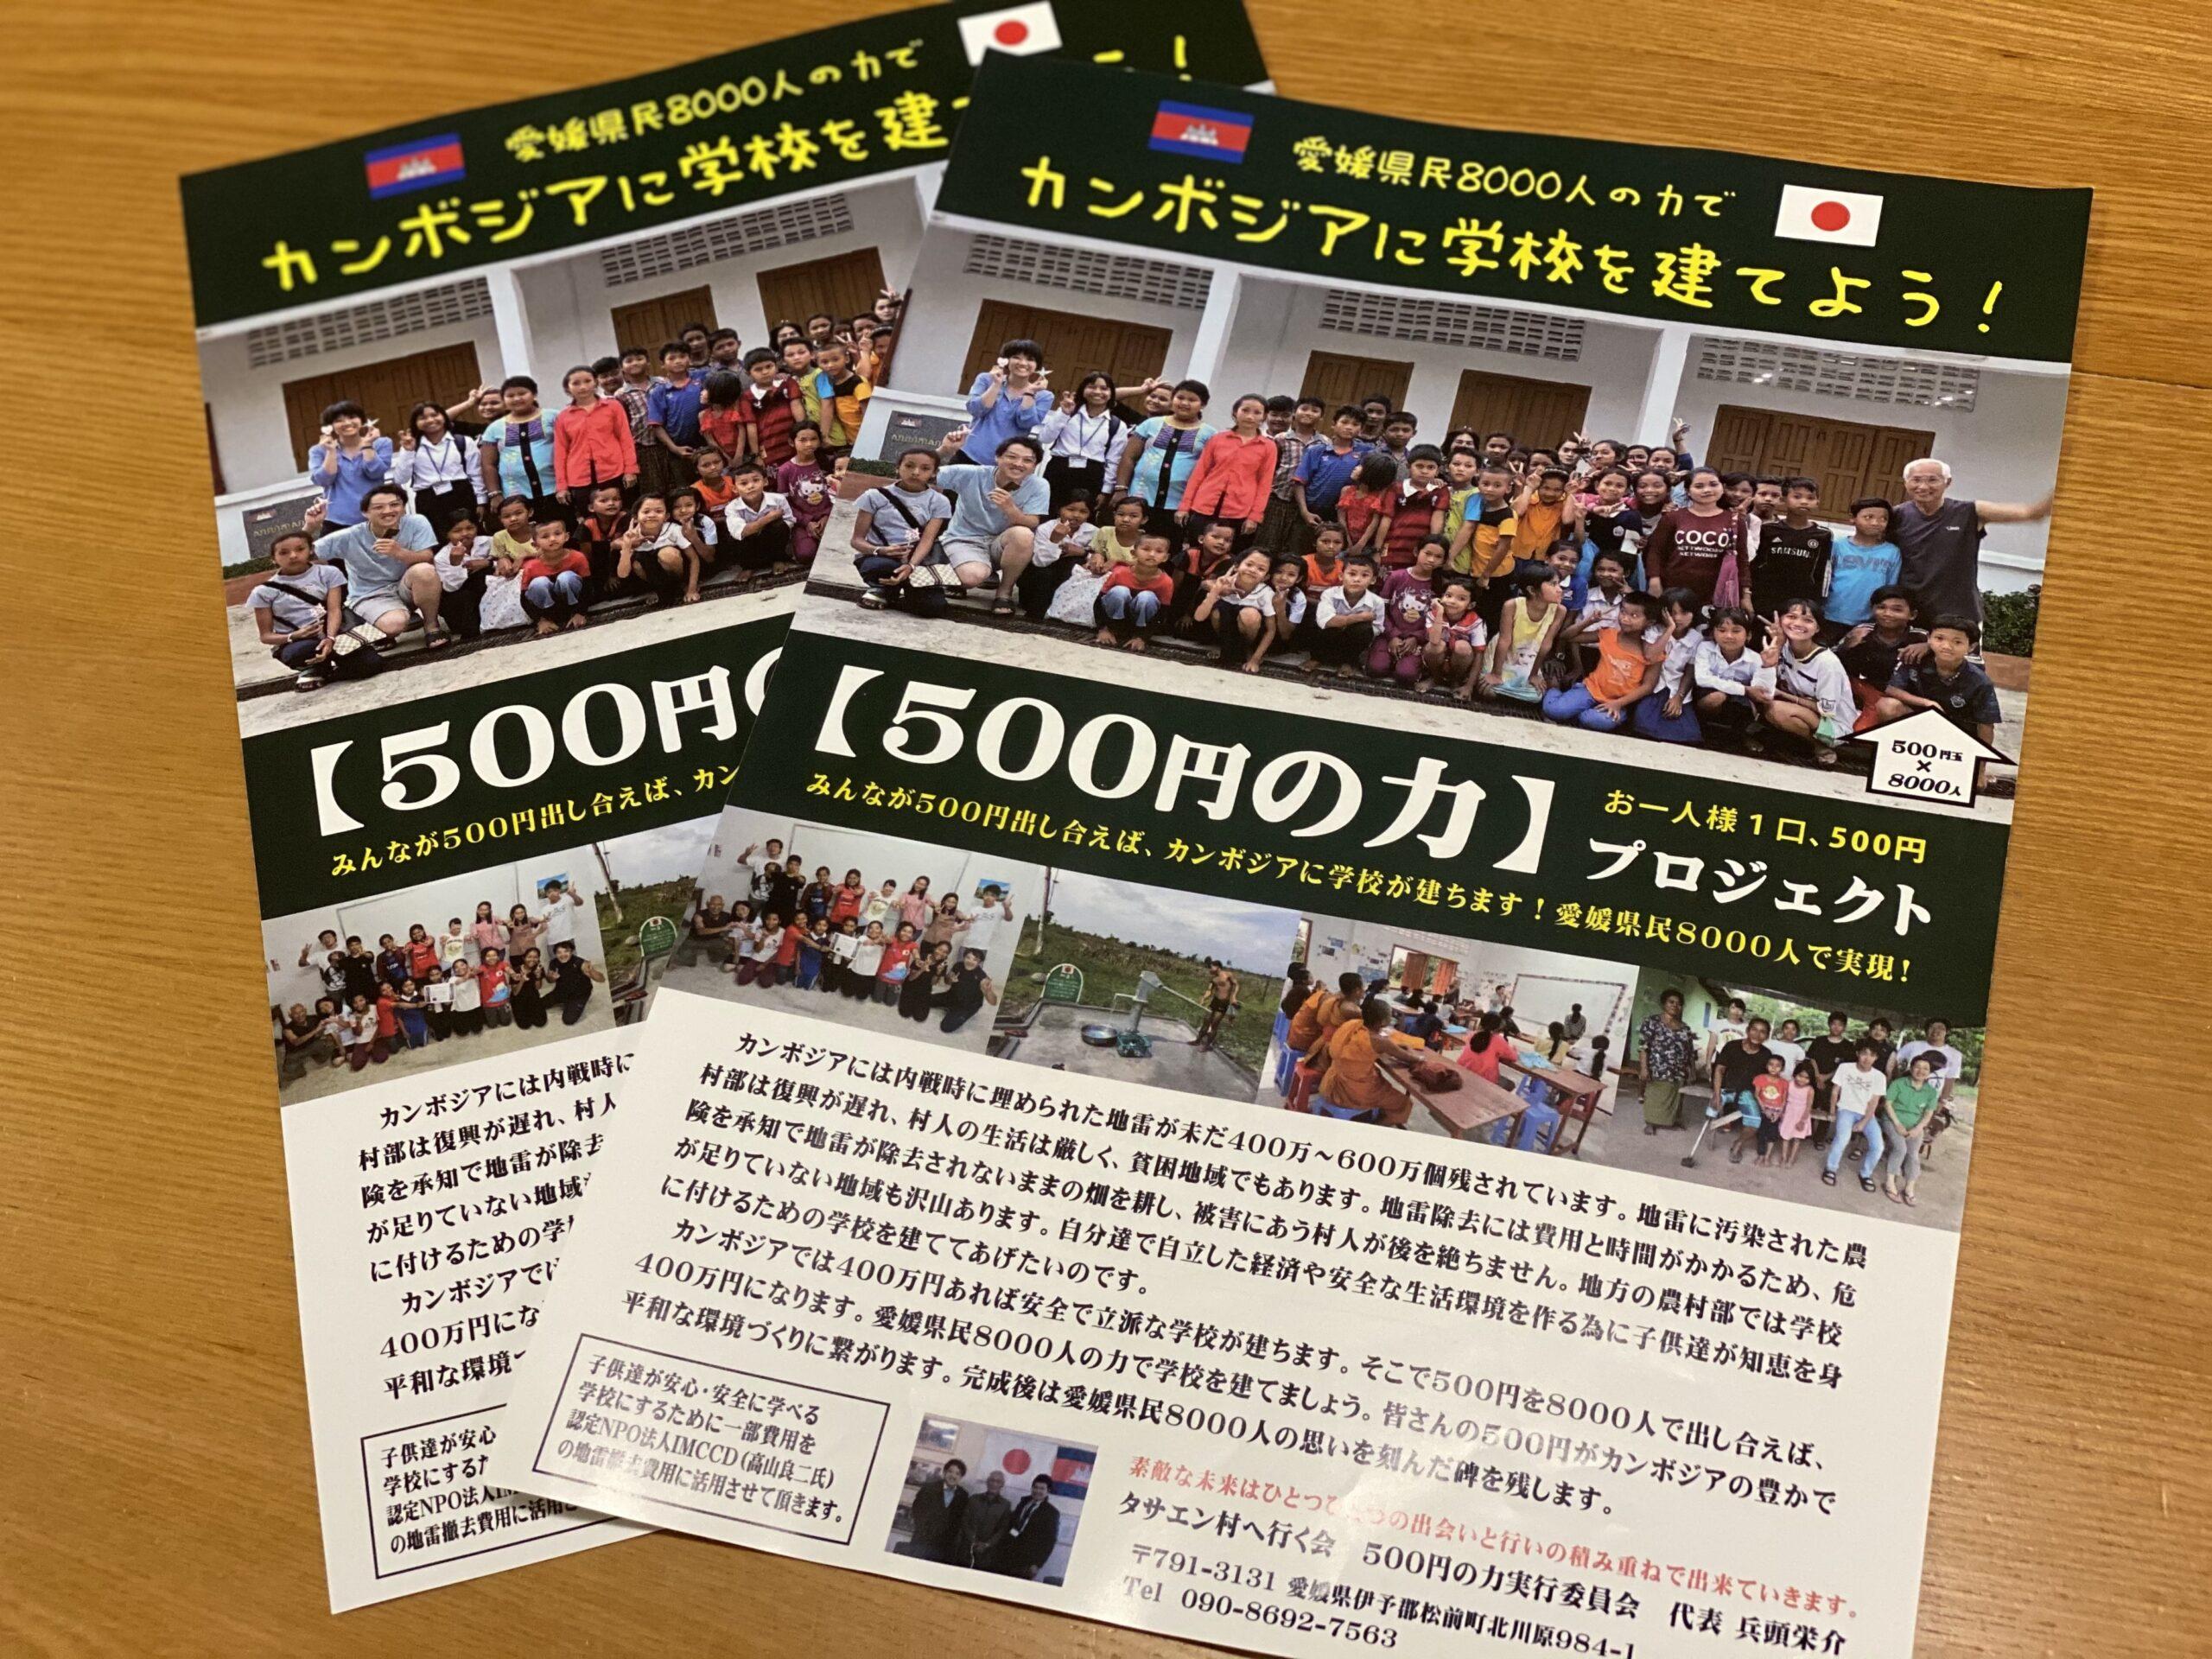 500円の力プロジェクトチラシ